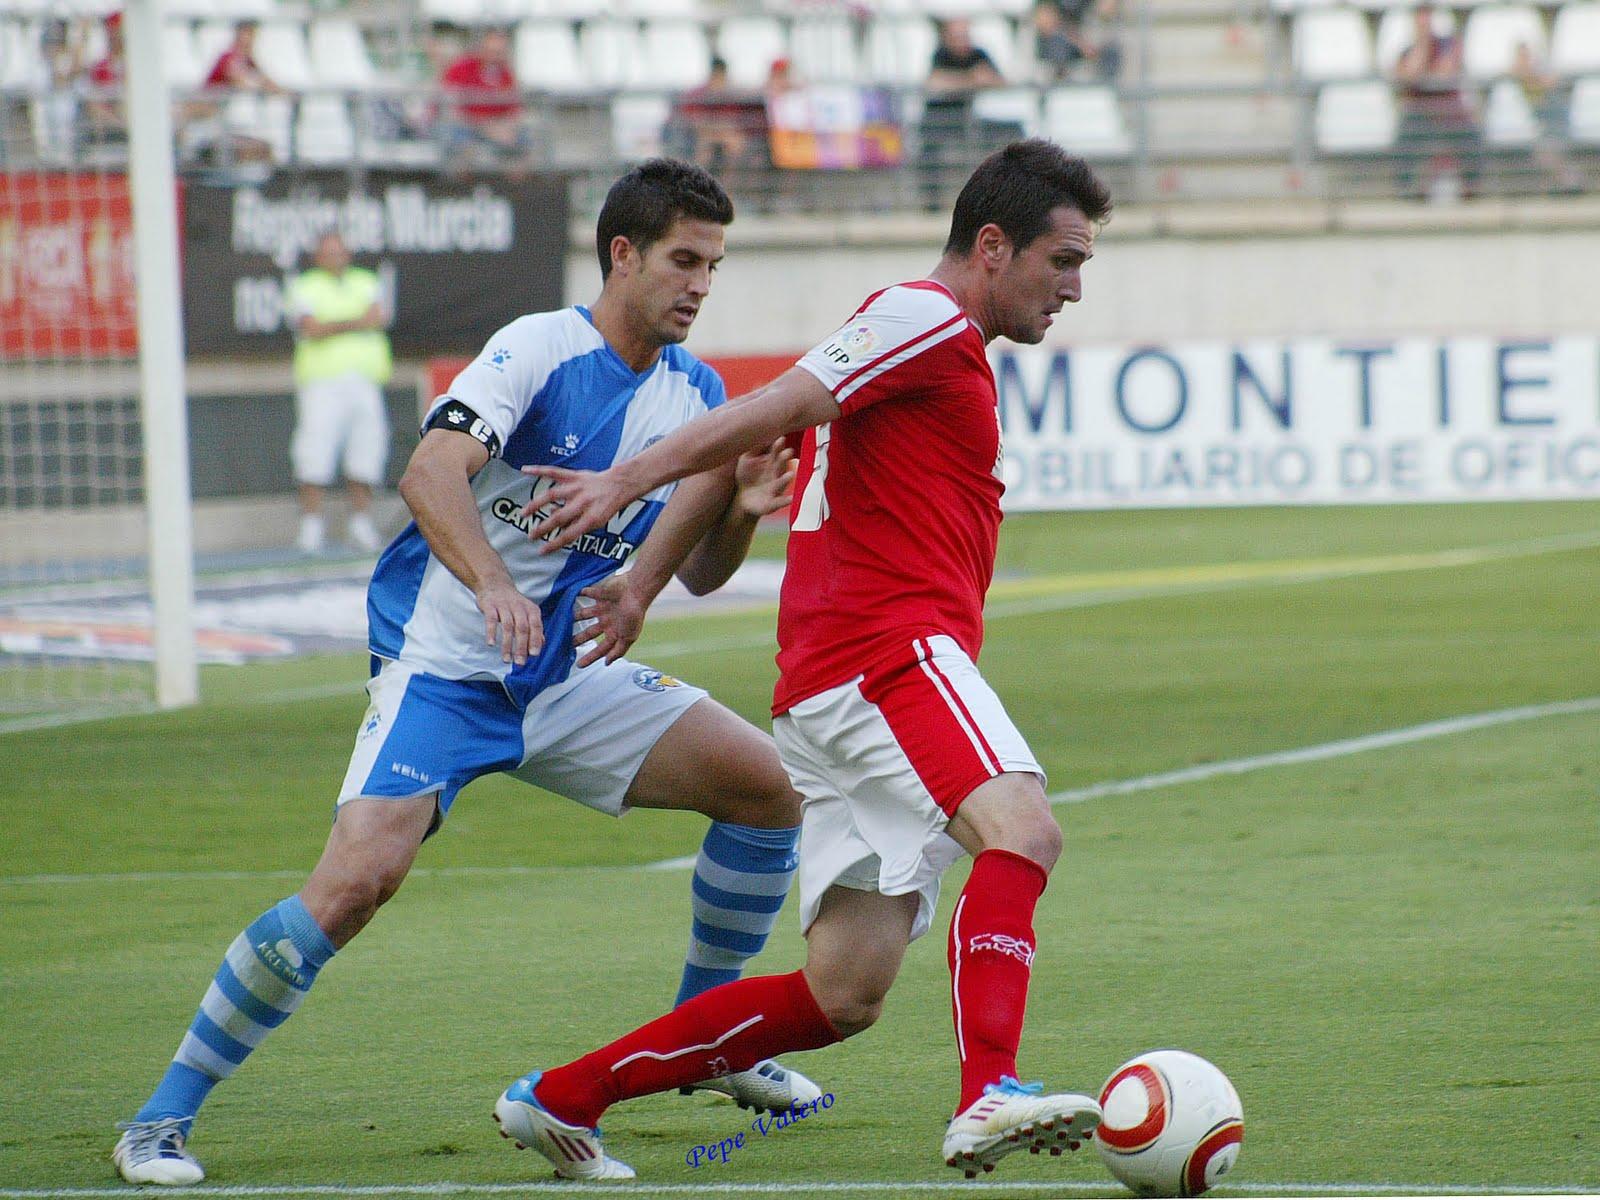 El Sabadell quiere evitar problemas ante el Murcia